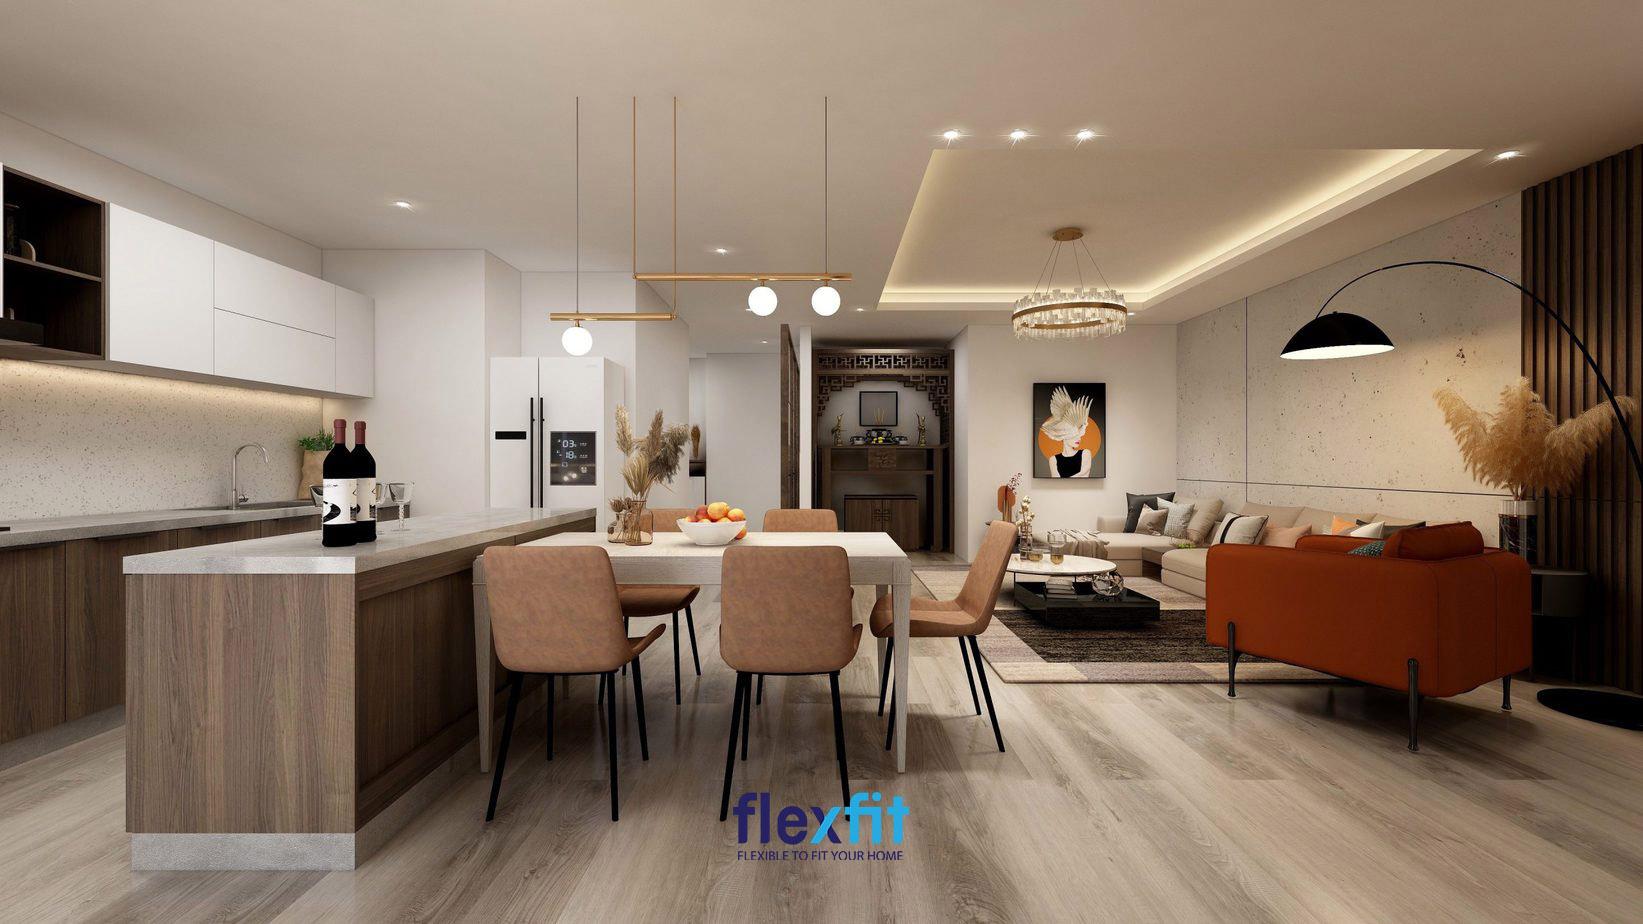 Bố trí nội thất bếp phù hợp đem đến tài lộc cho gia chủ mệnh Thổ.